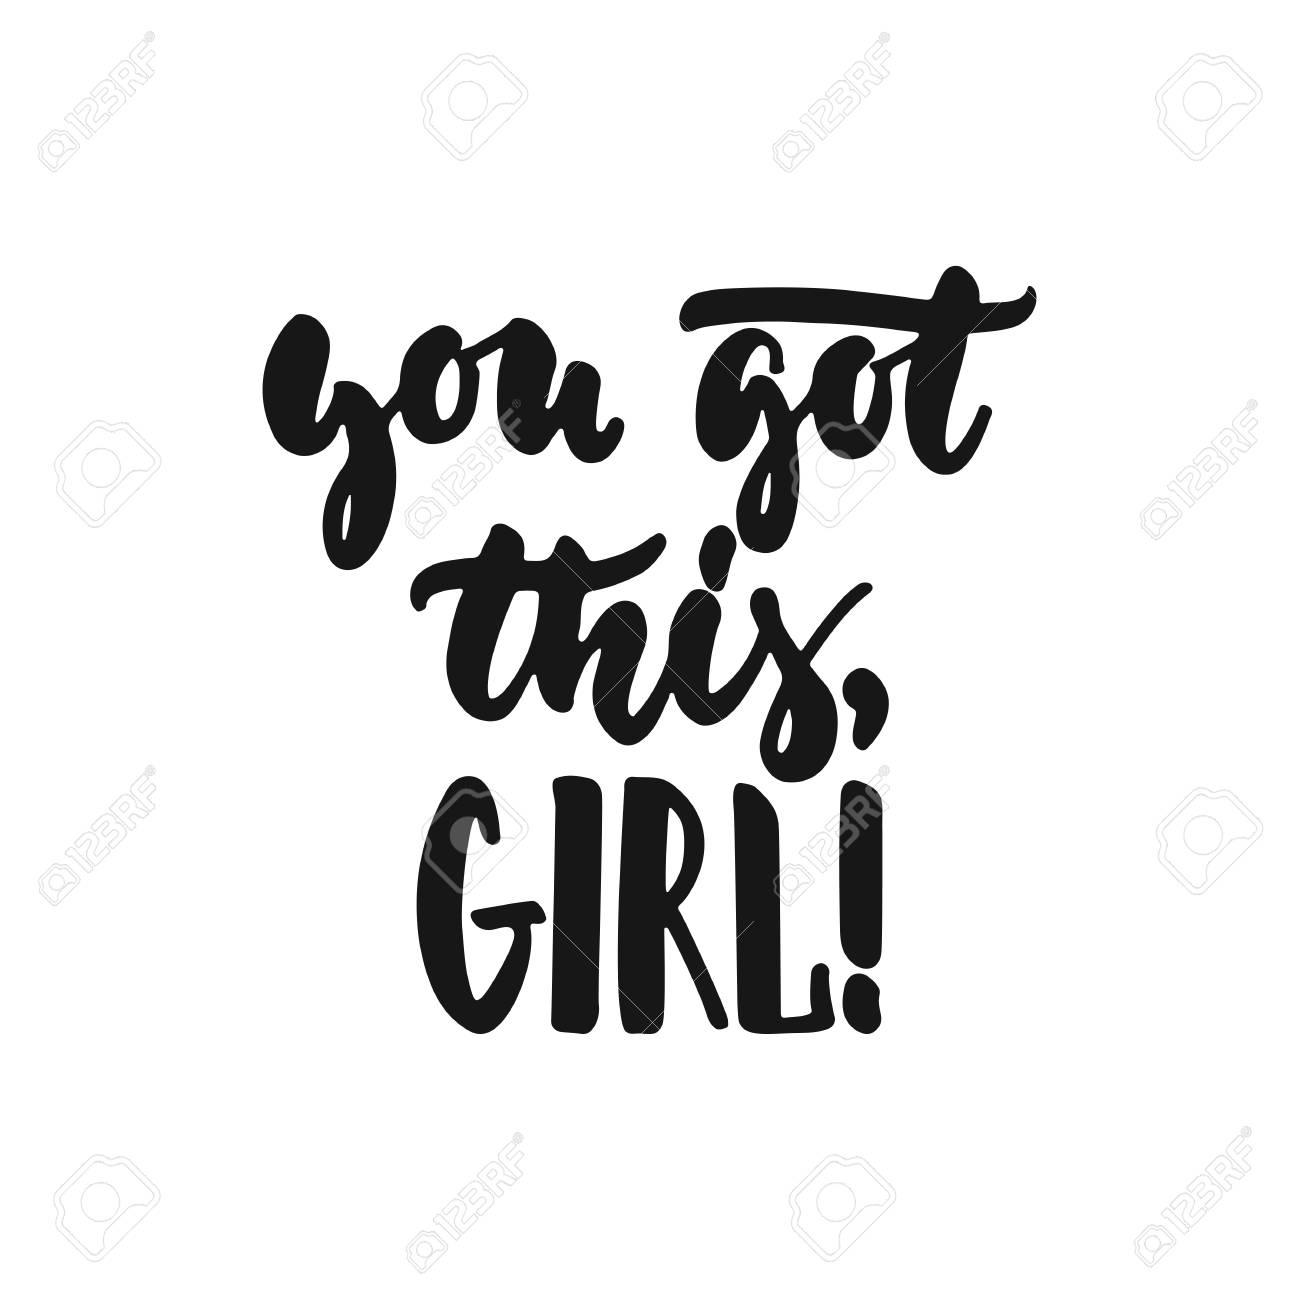 Você Tem Isso Garota Mão Desenhada Letras Frase Sobre Feminismo Isolado No Fundo Branco Inscrição De Tinta Pincel Divertido Para Sobreposições De